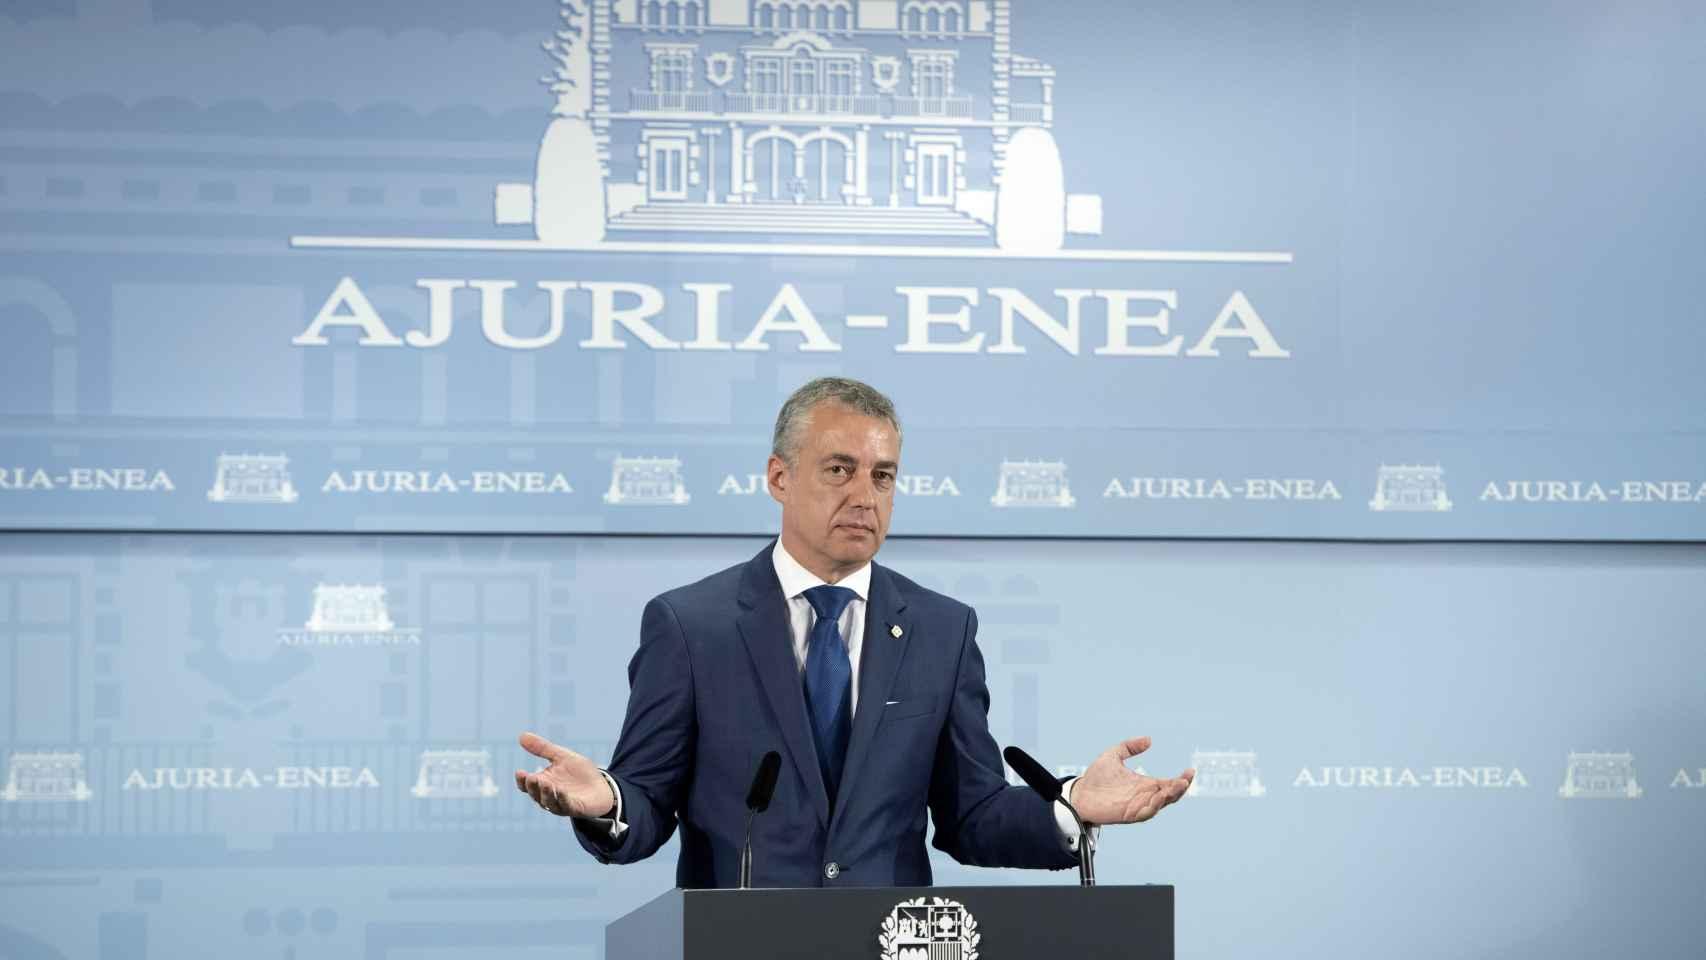 El lehendakari, Iñigo Urkullu, comparece ante los medios de comunicación.